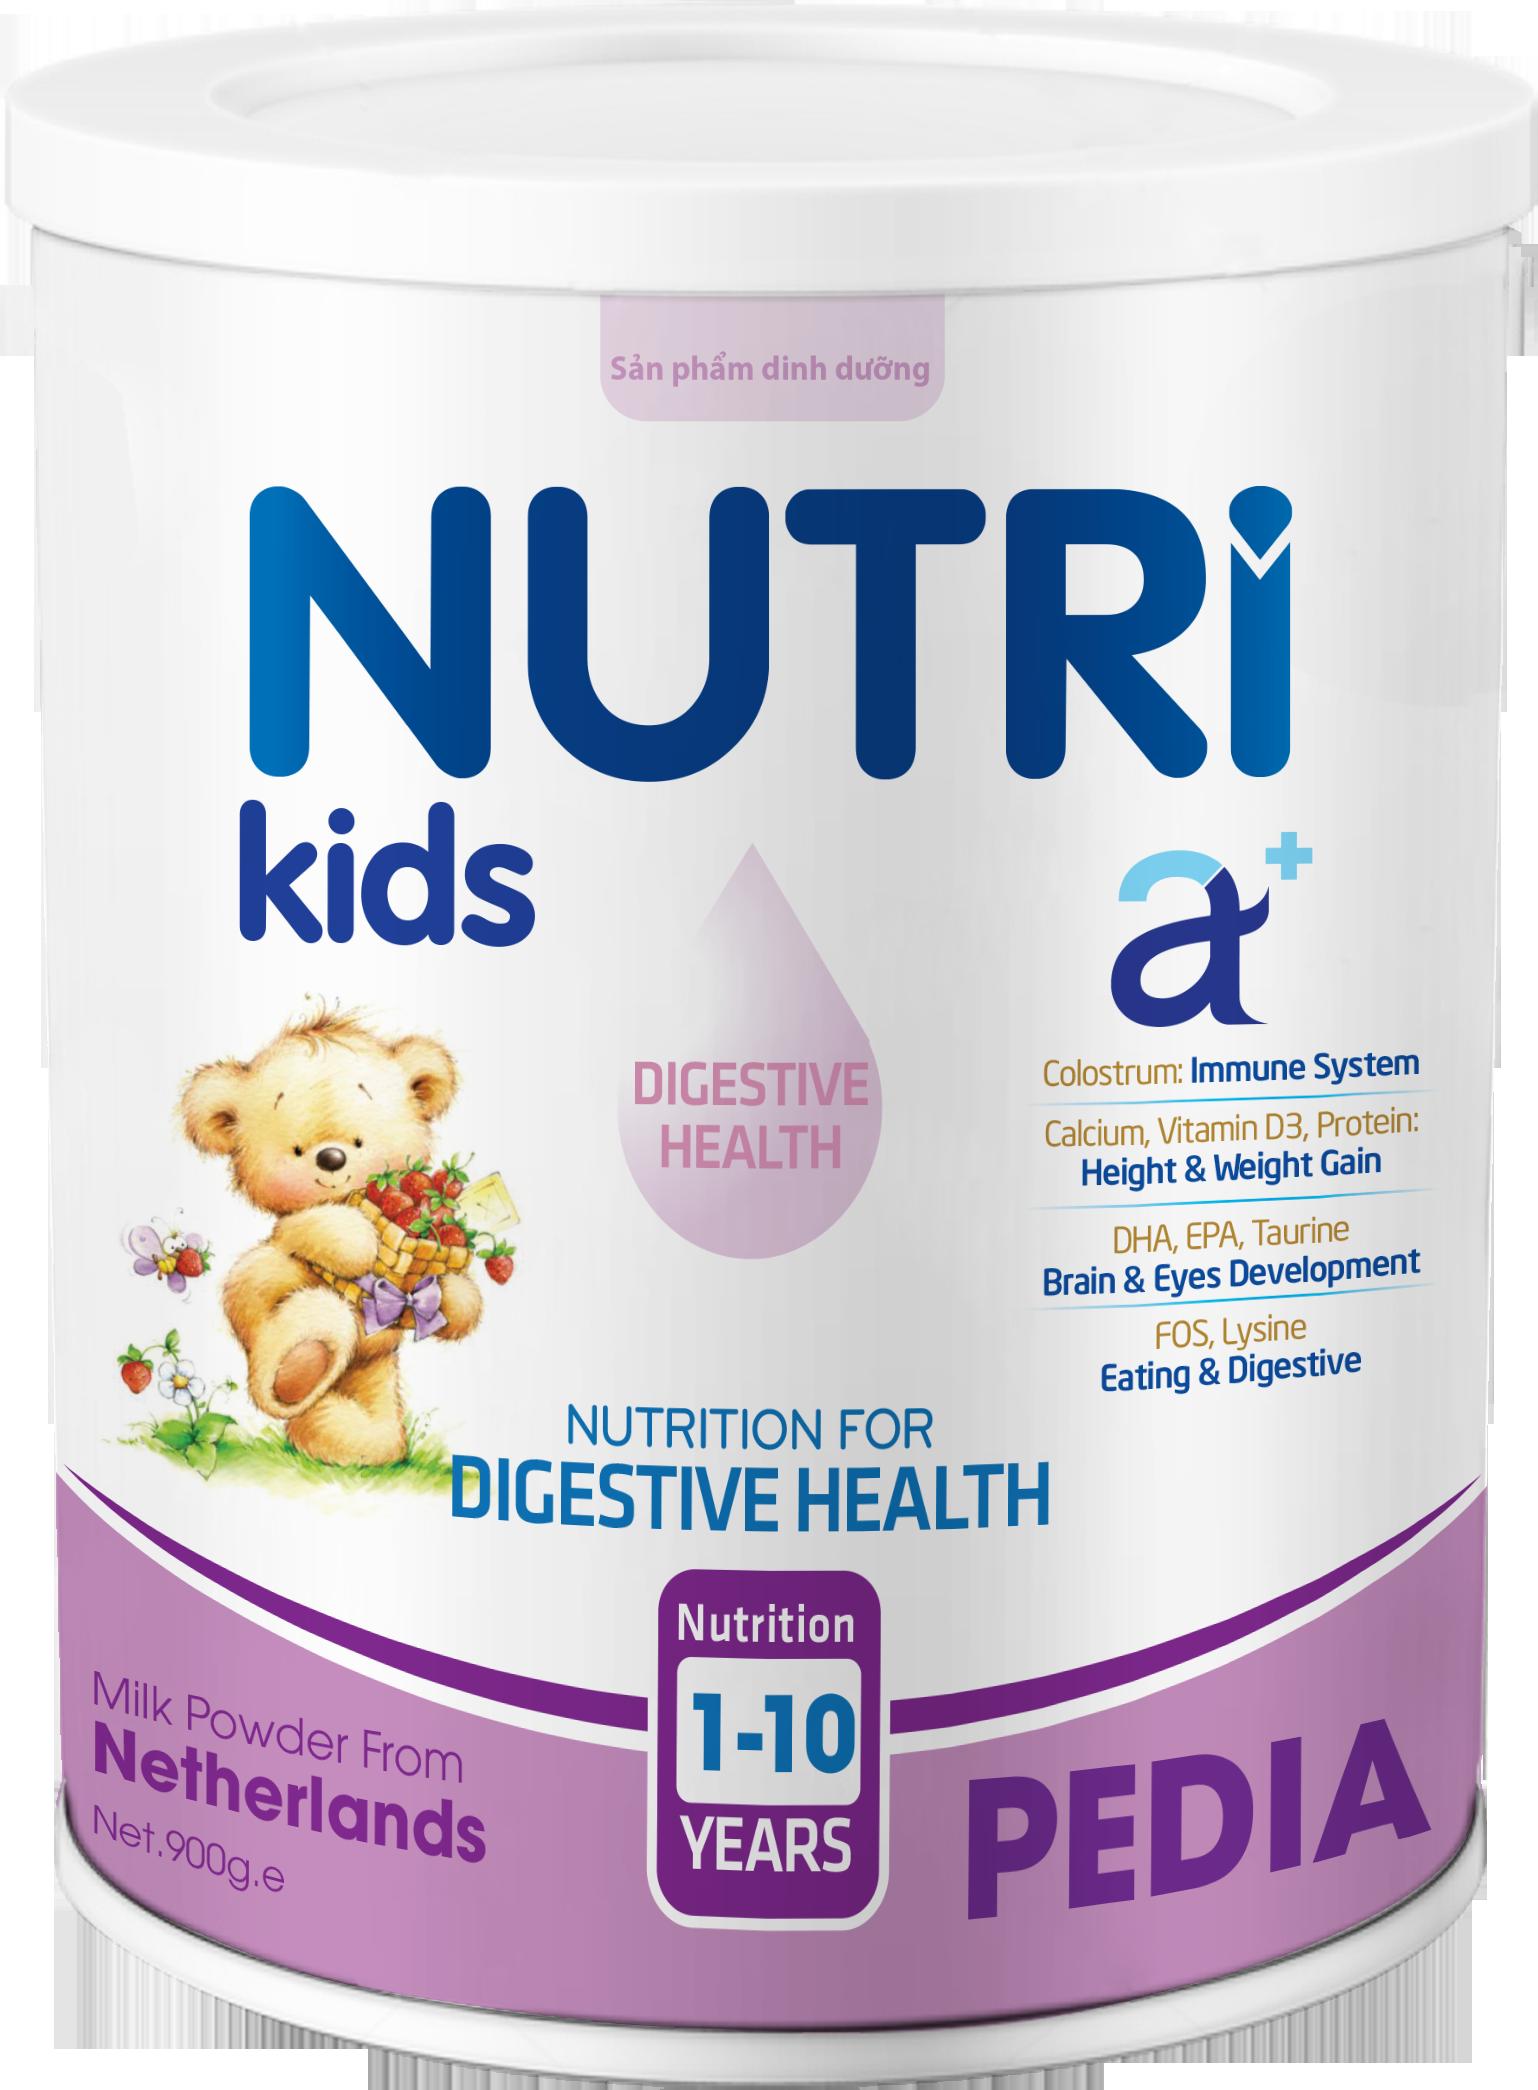 NUTRI KIDS A+ PEDIA 900g